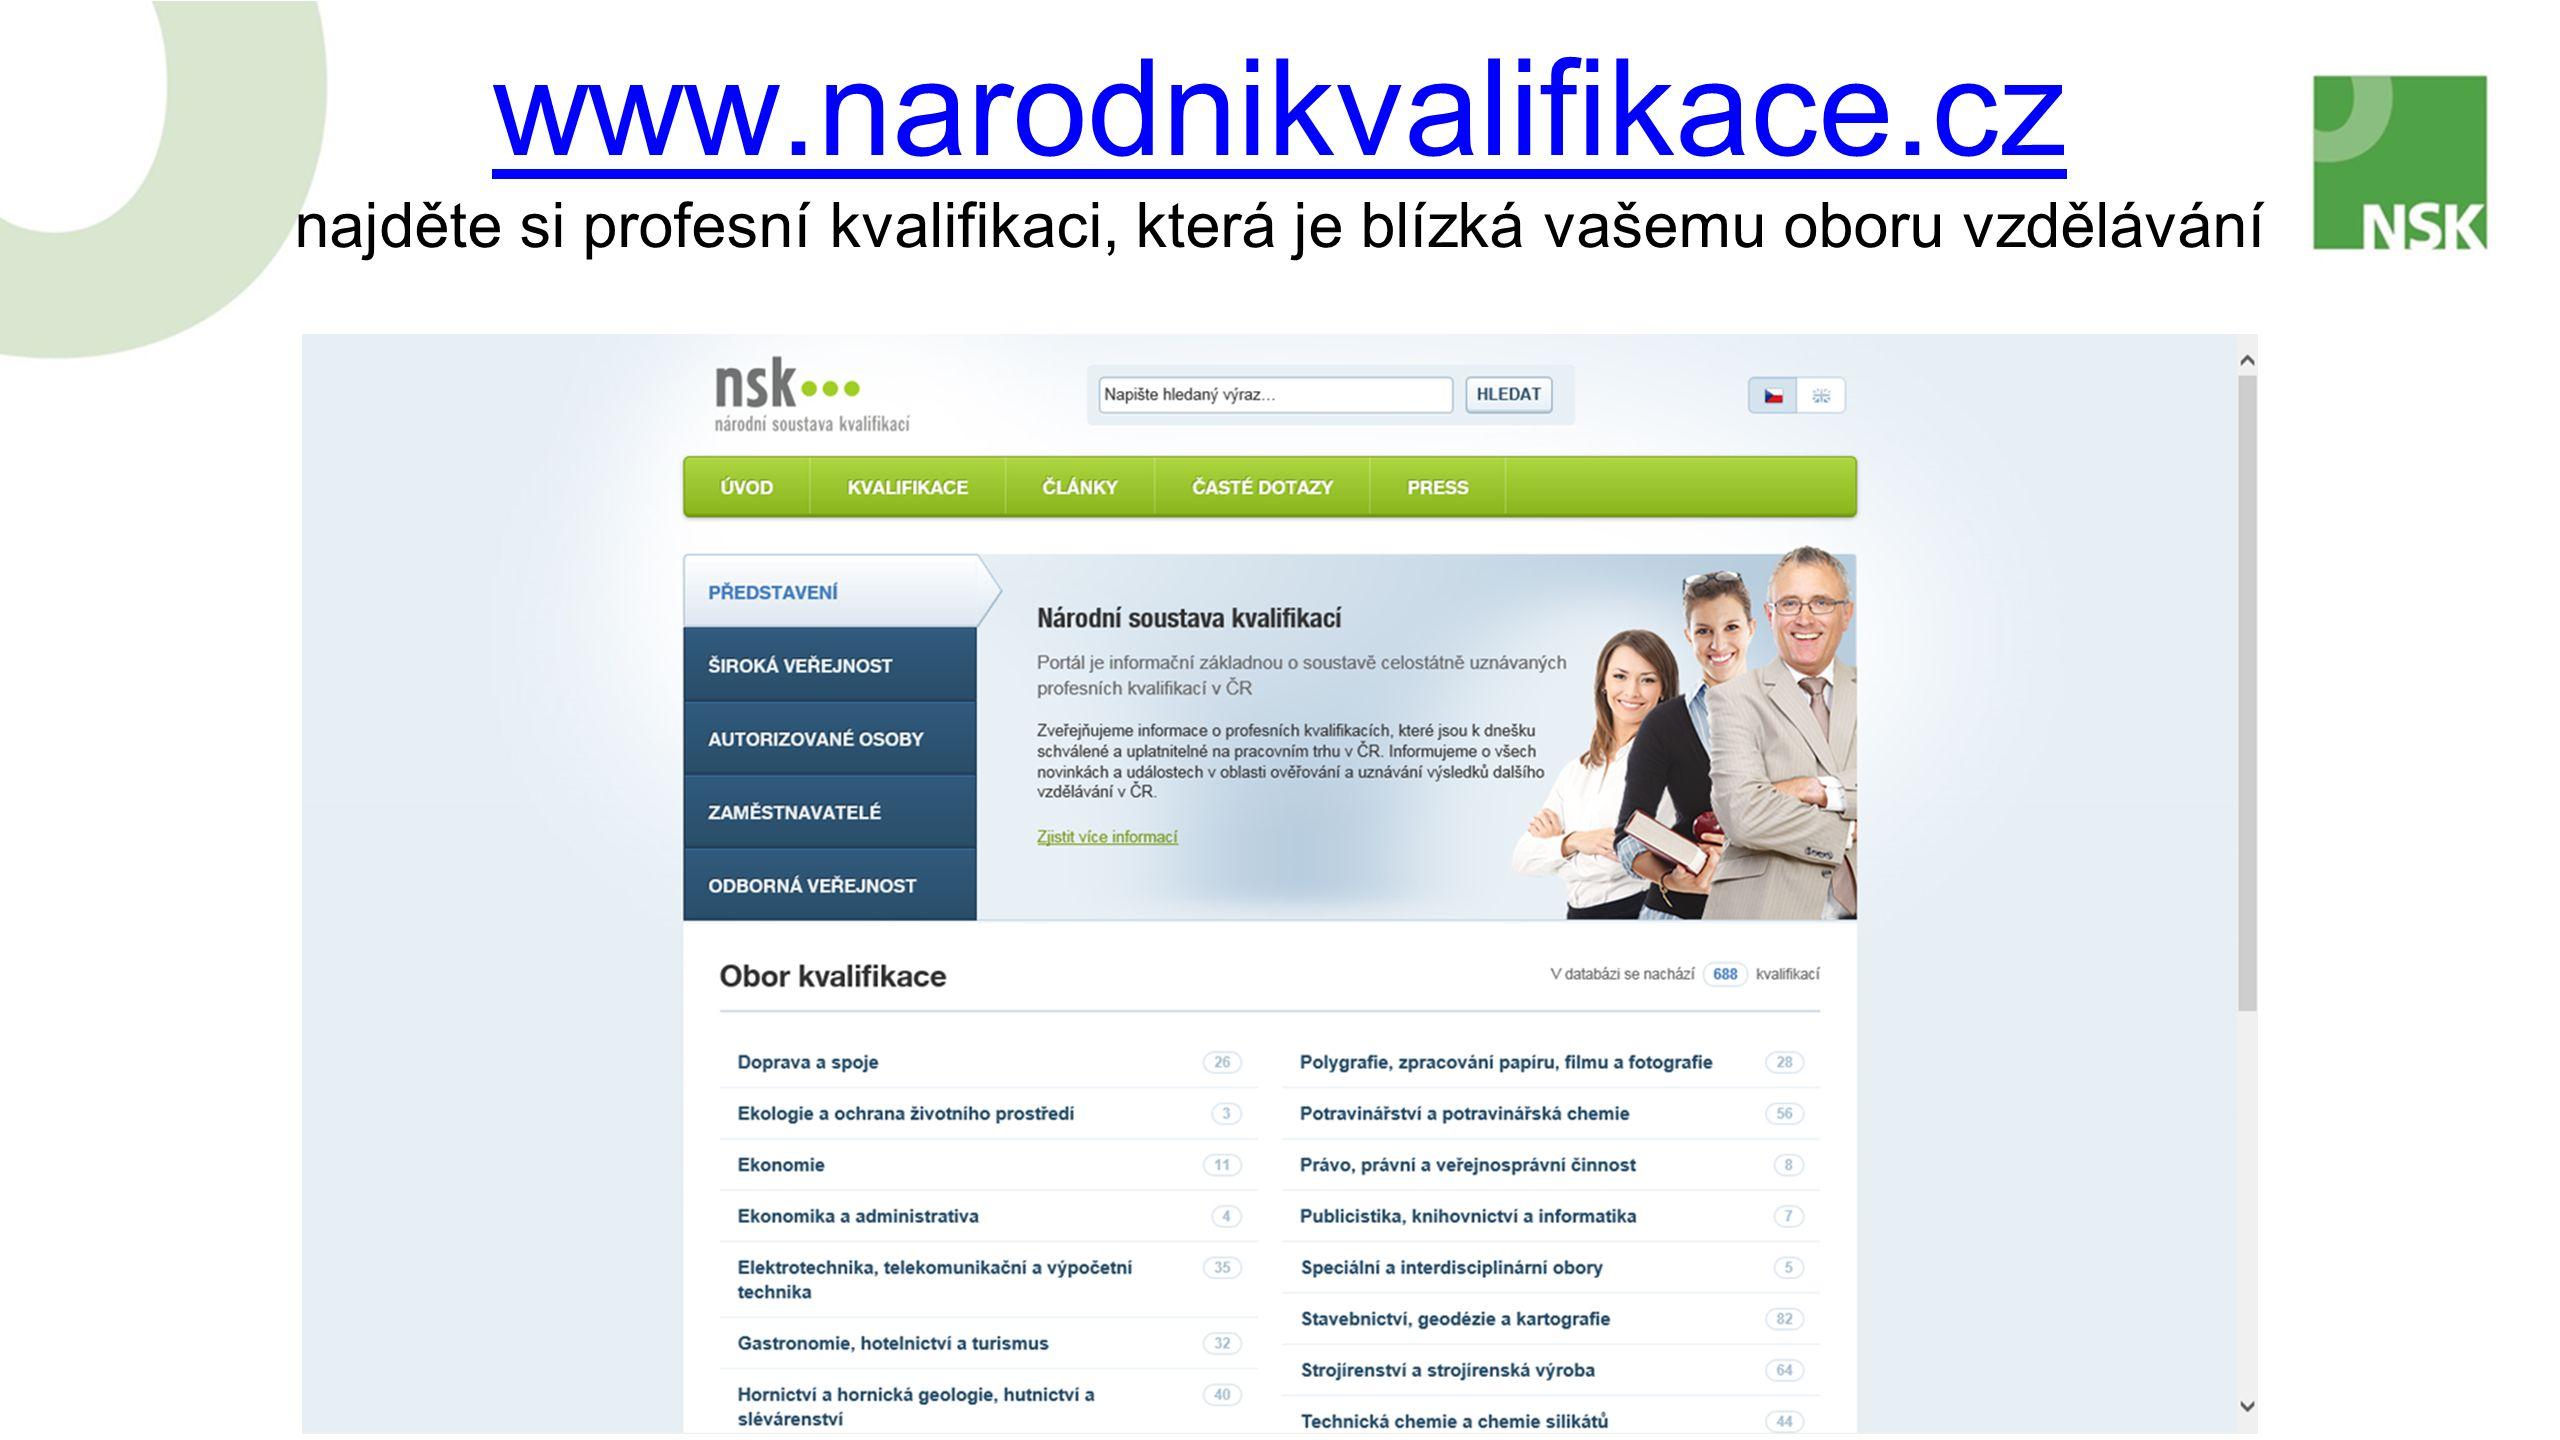 www.narodnikvalifikace.cz www.narodnikvalifikace.cz najděte si profesní kvalifikaci, která je blízká vašemu oboru vzdělávání